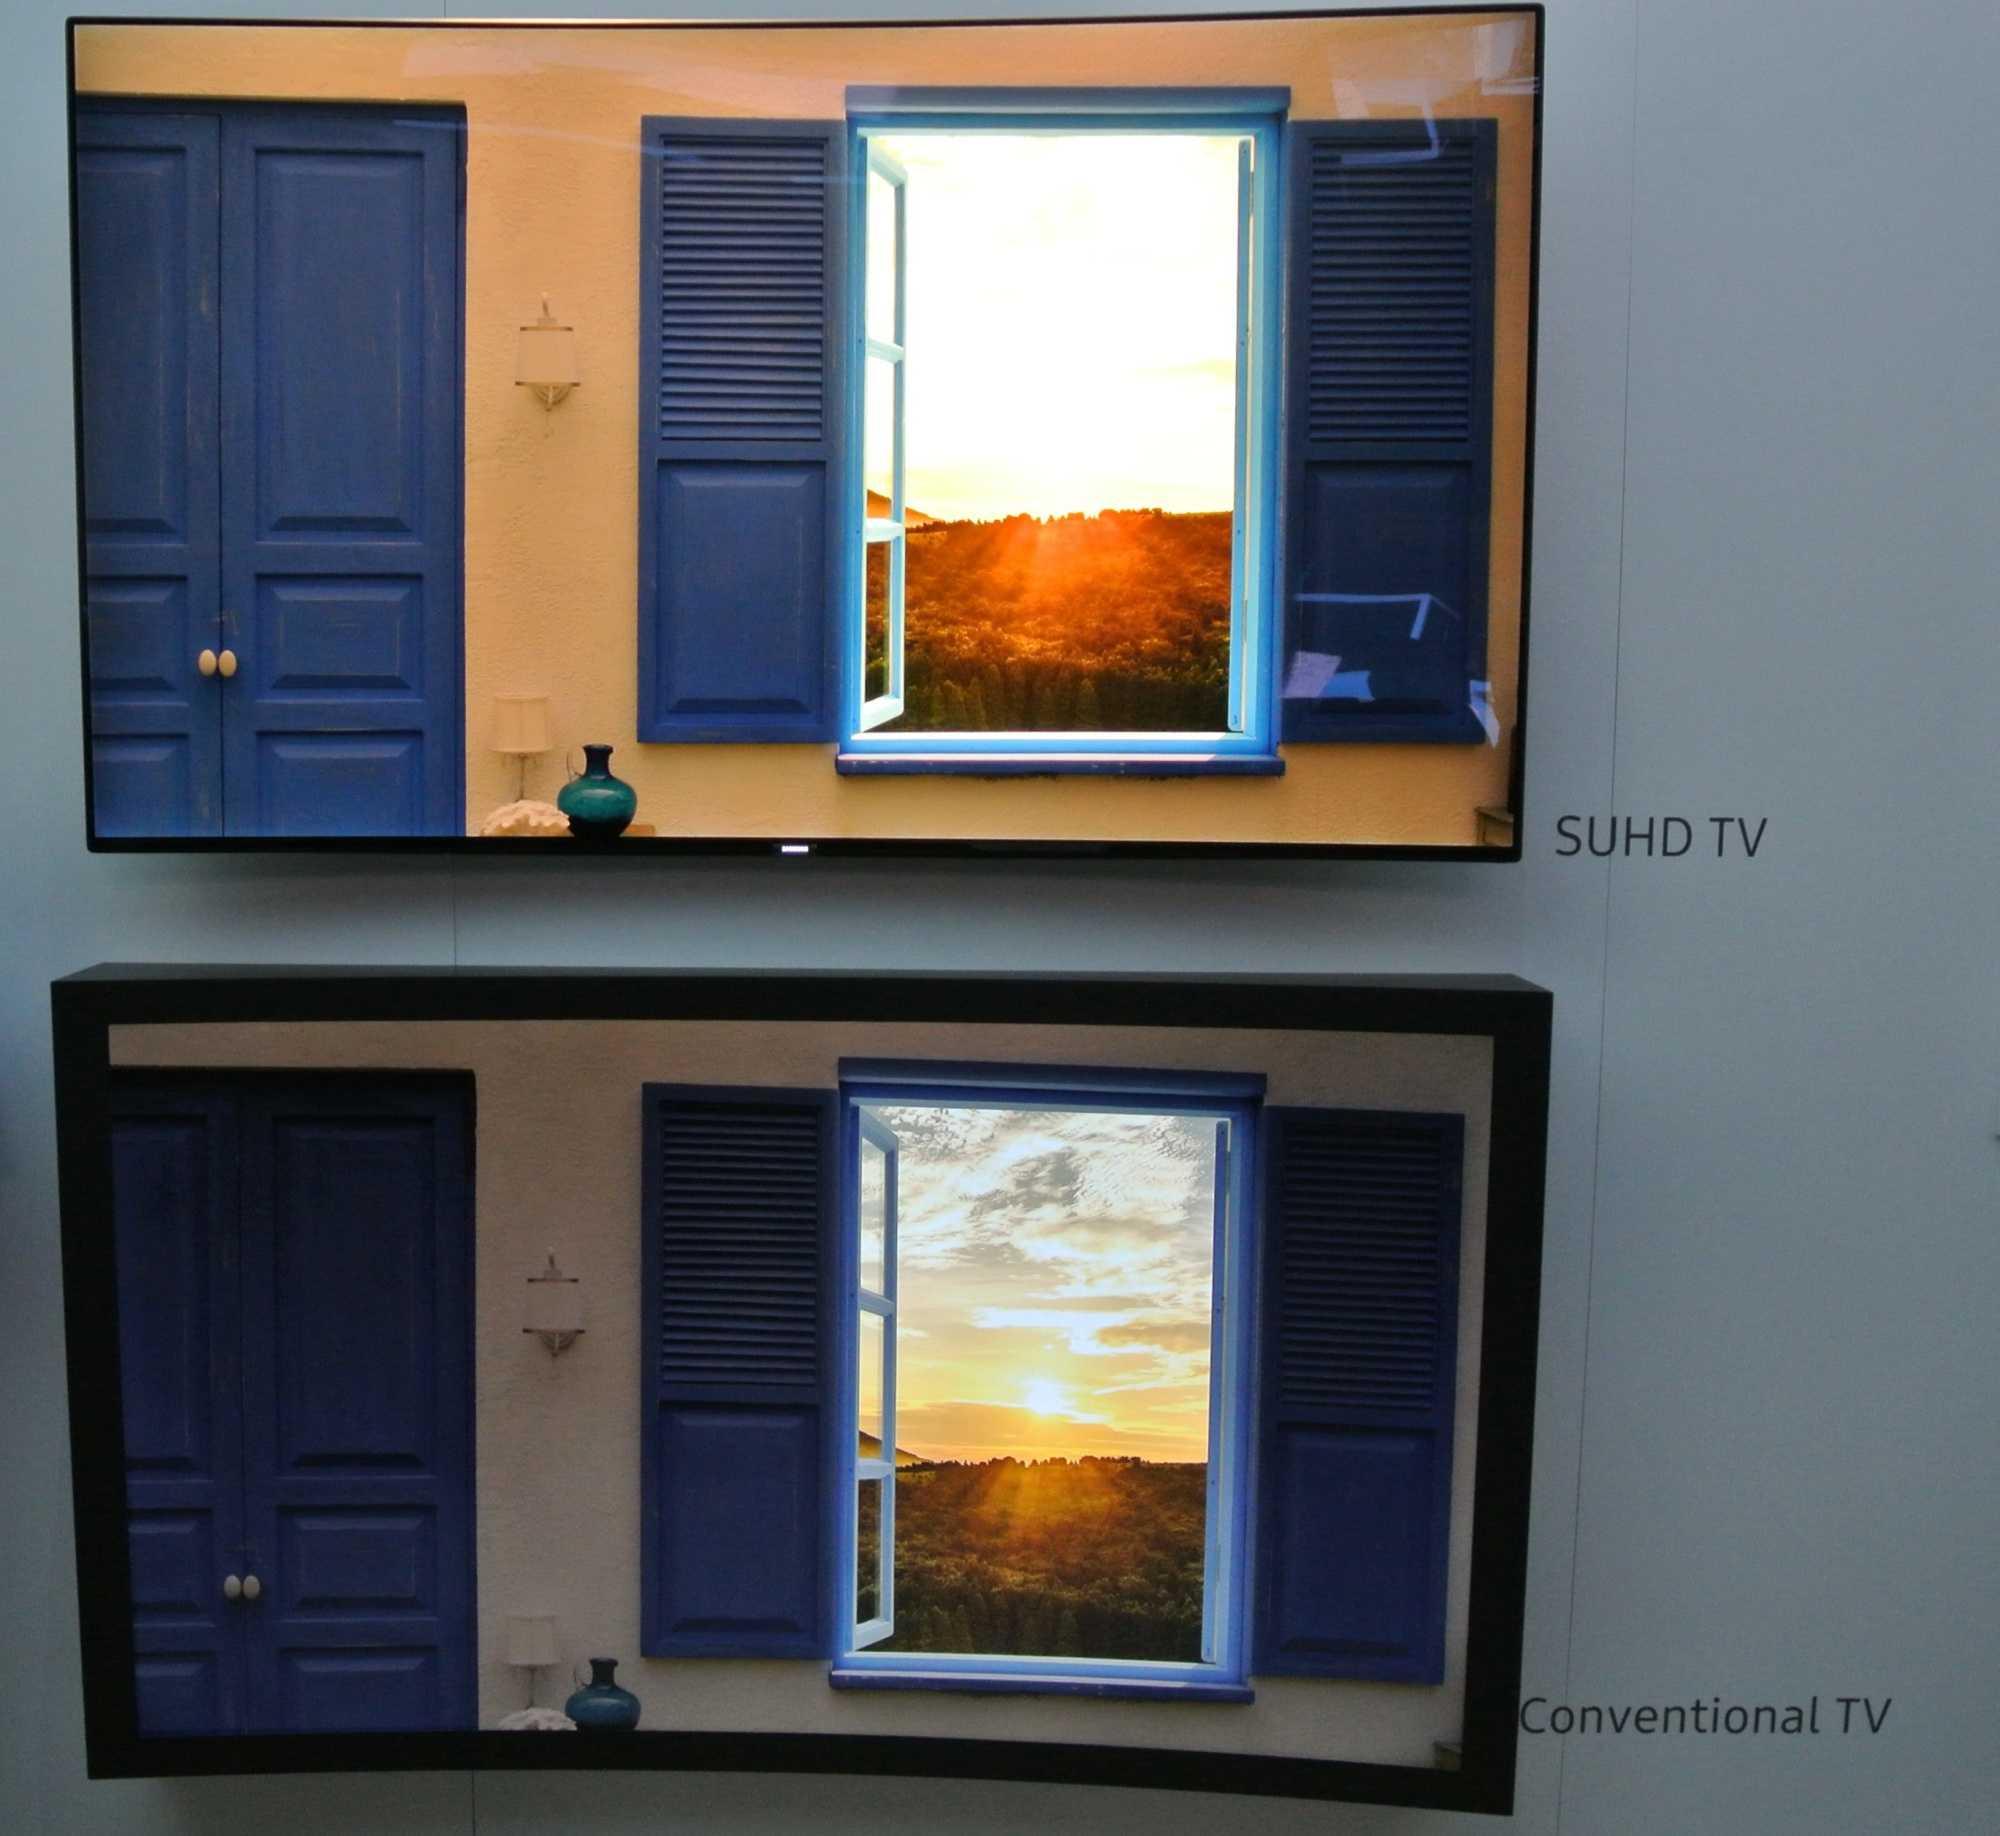 Dank der hohen Helligkeit sahen die Bilder auf den SUHD-Fernsehern sehr Kontrastreich aus und überforderten wegen des schwachen Umgebungslichts die Kamera des Autors.